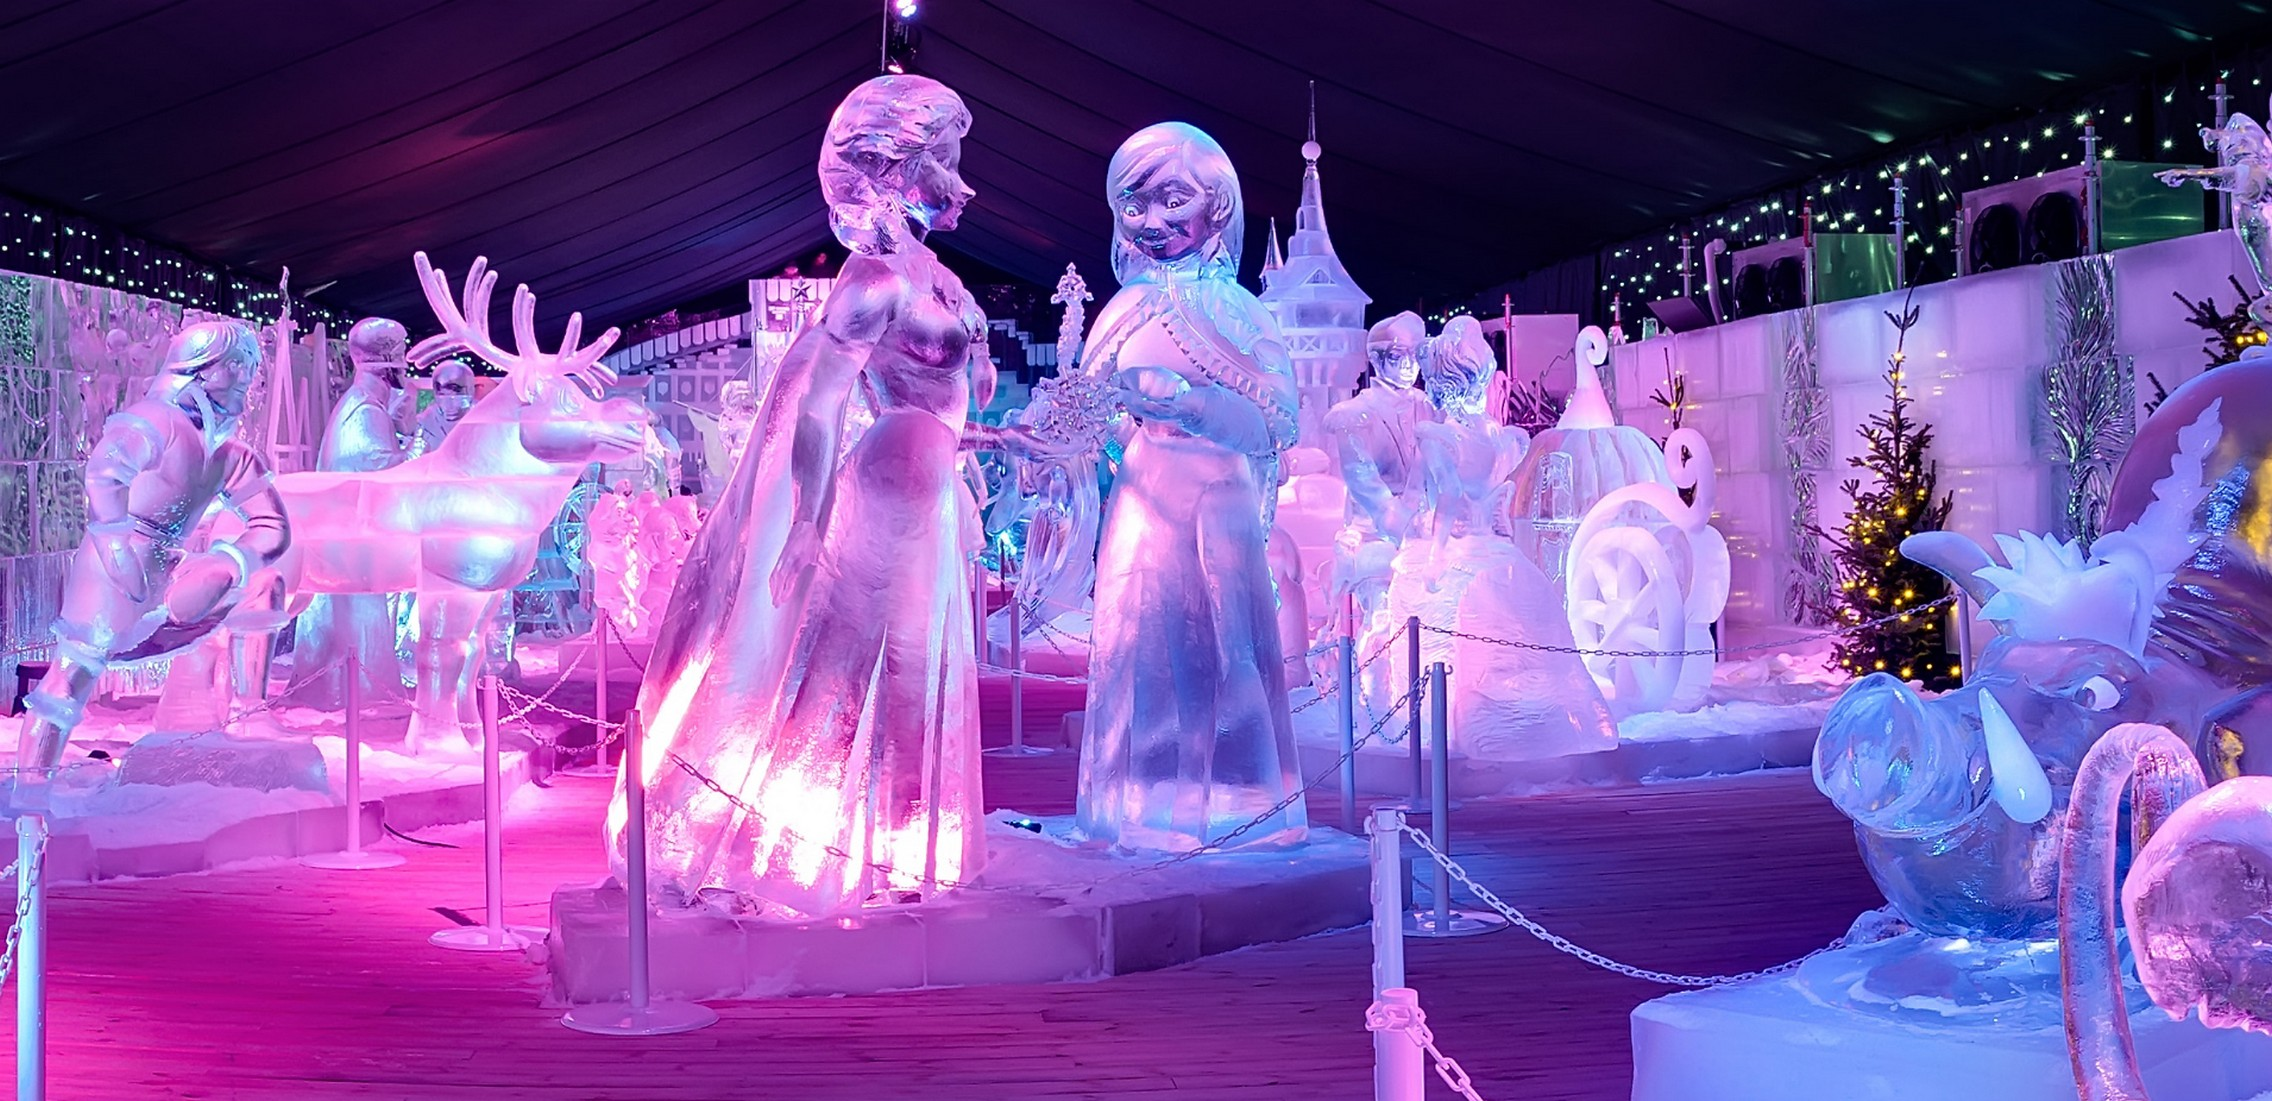 В Брюгге открылась выставка ледяных скульптур